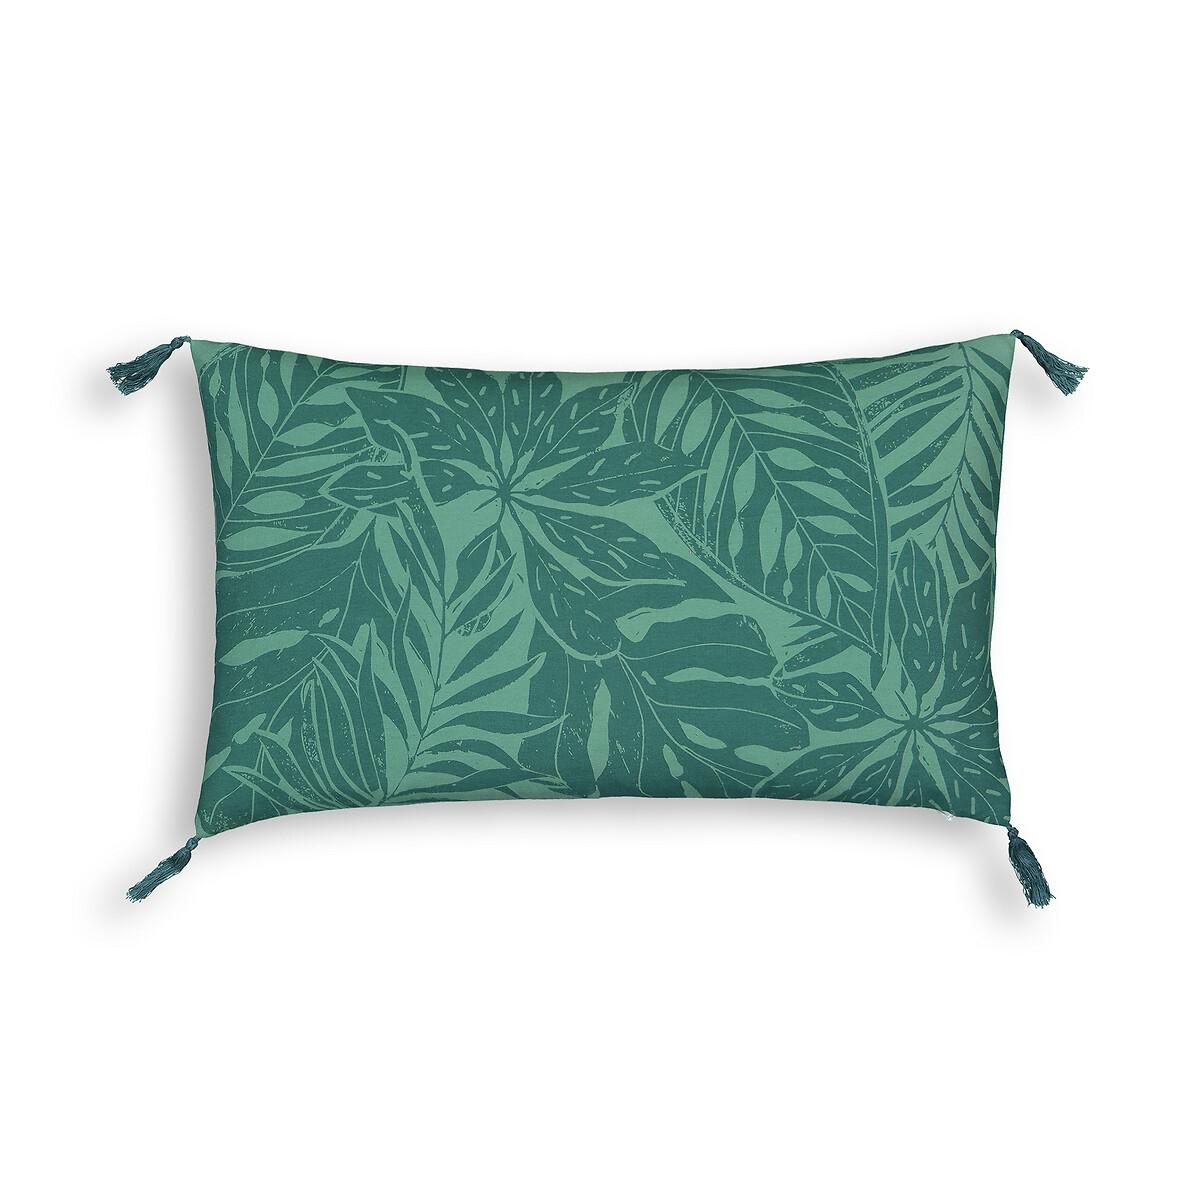 Фото - Чехол LaRedoute Для подушки из осветленного хлопка Ficus 50 x 30 см зеленый пододеяльник laredoute из осветленного хлопка babette 260 x 240 см зеленый